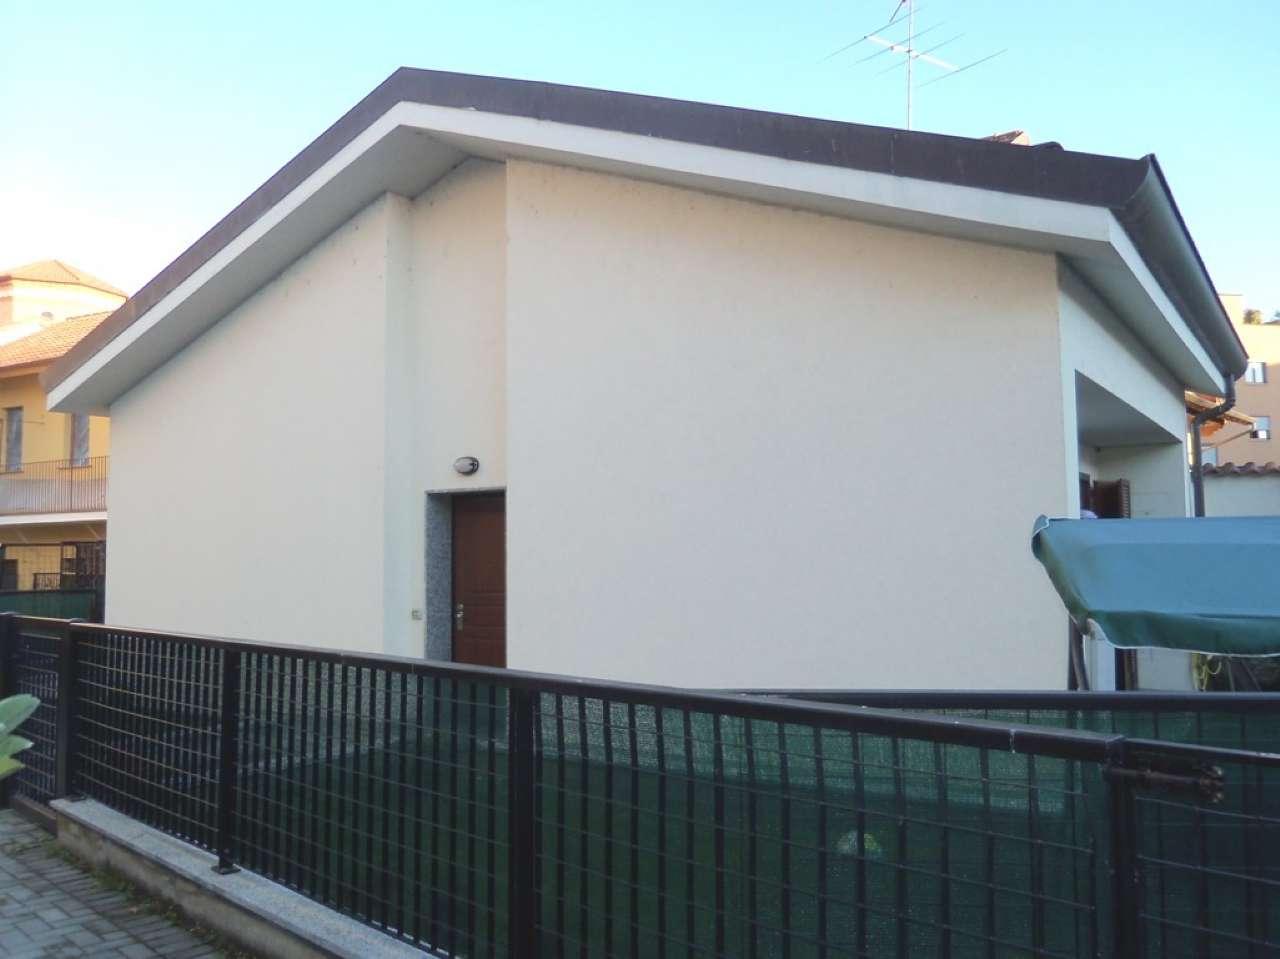 Villa in vendita a Settimo Milanese, 3 locali, prezzo € 197.000 | CambioCasa.it